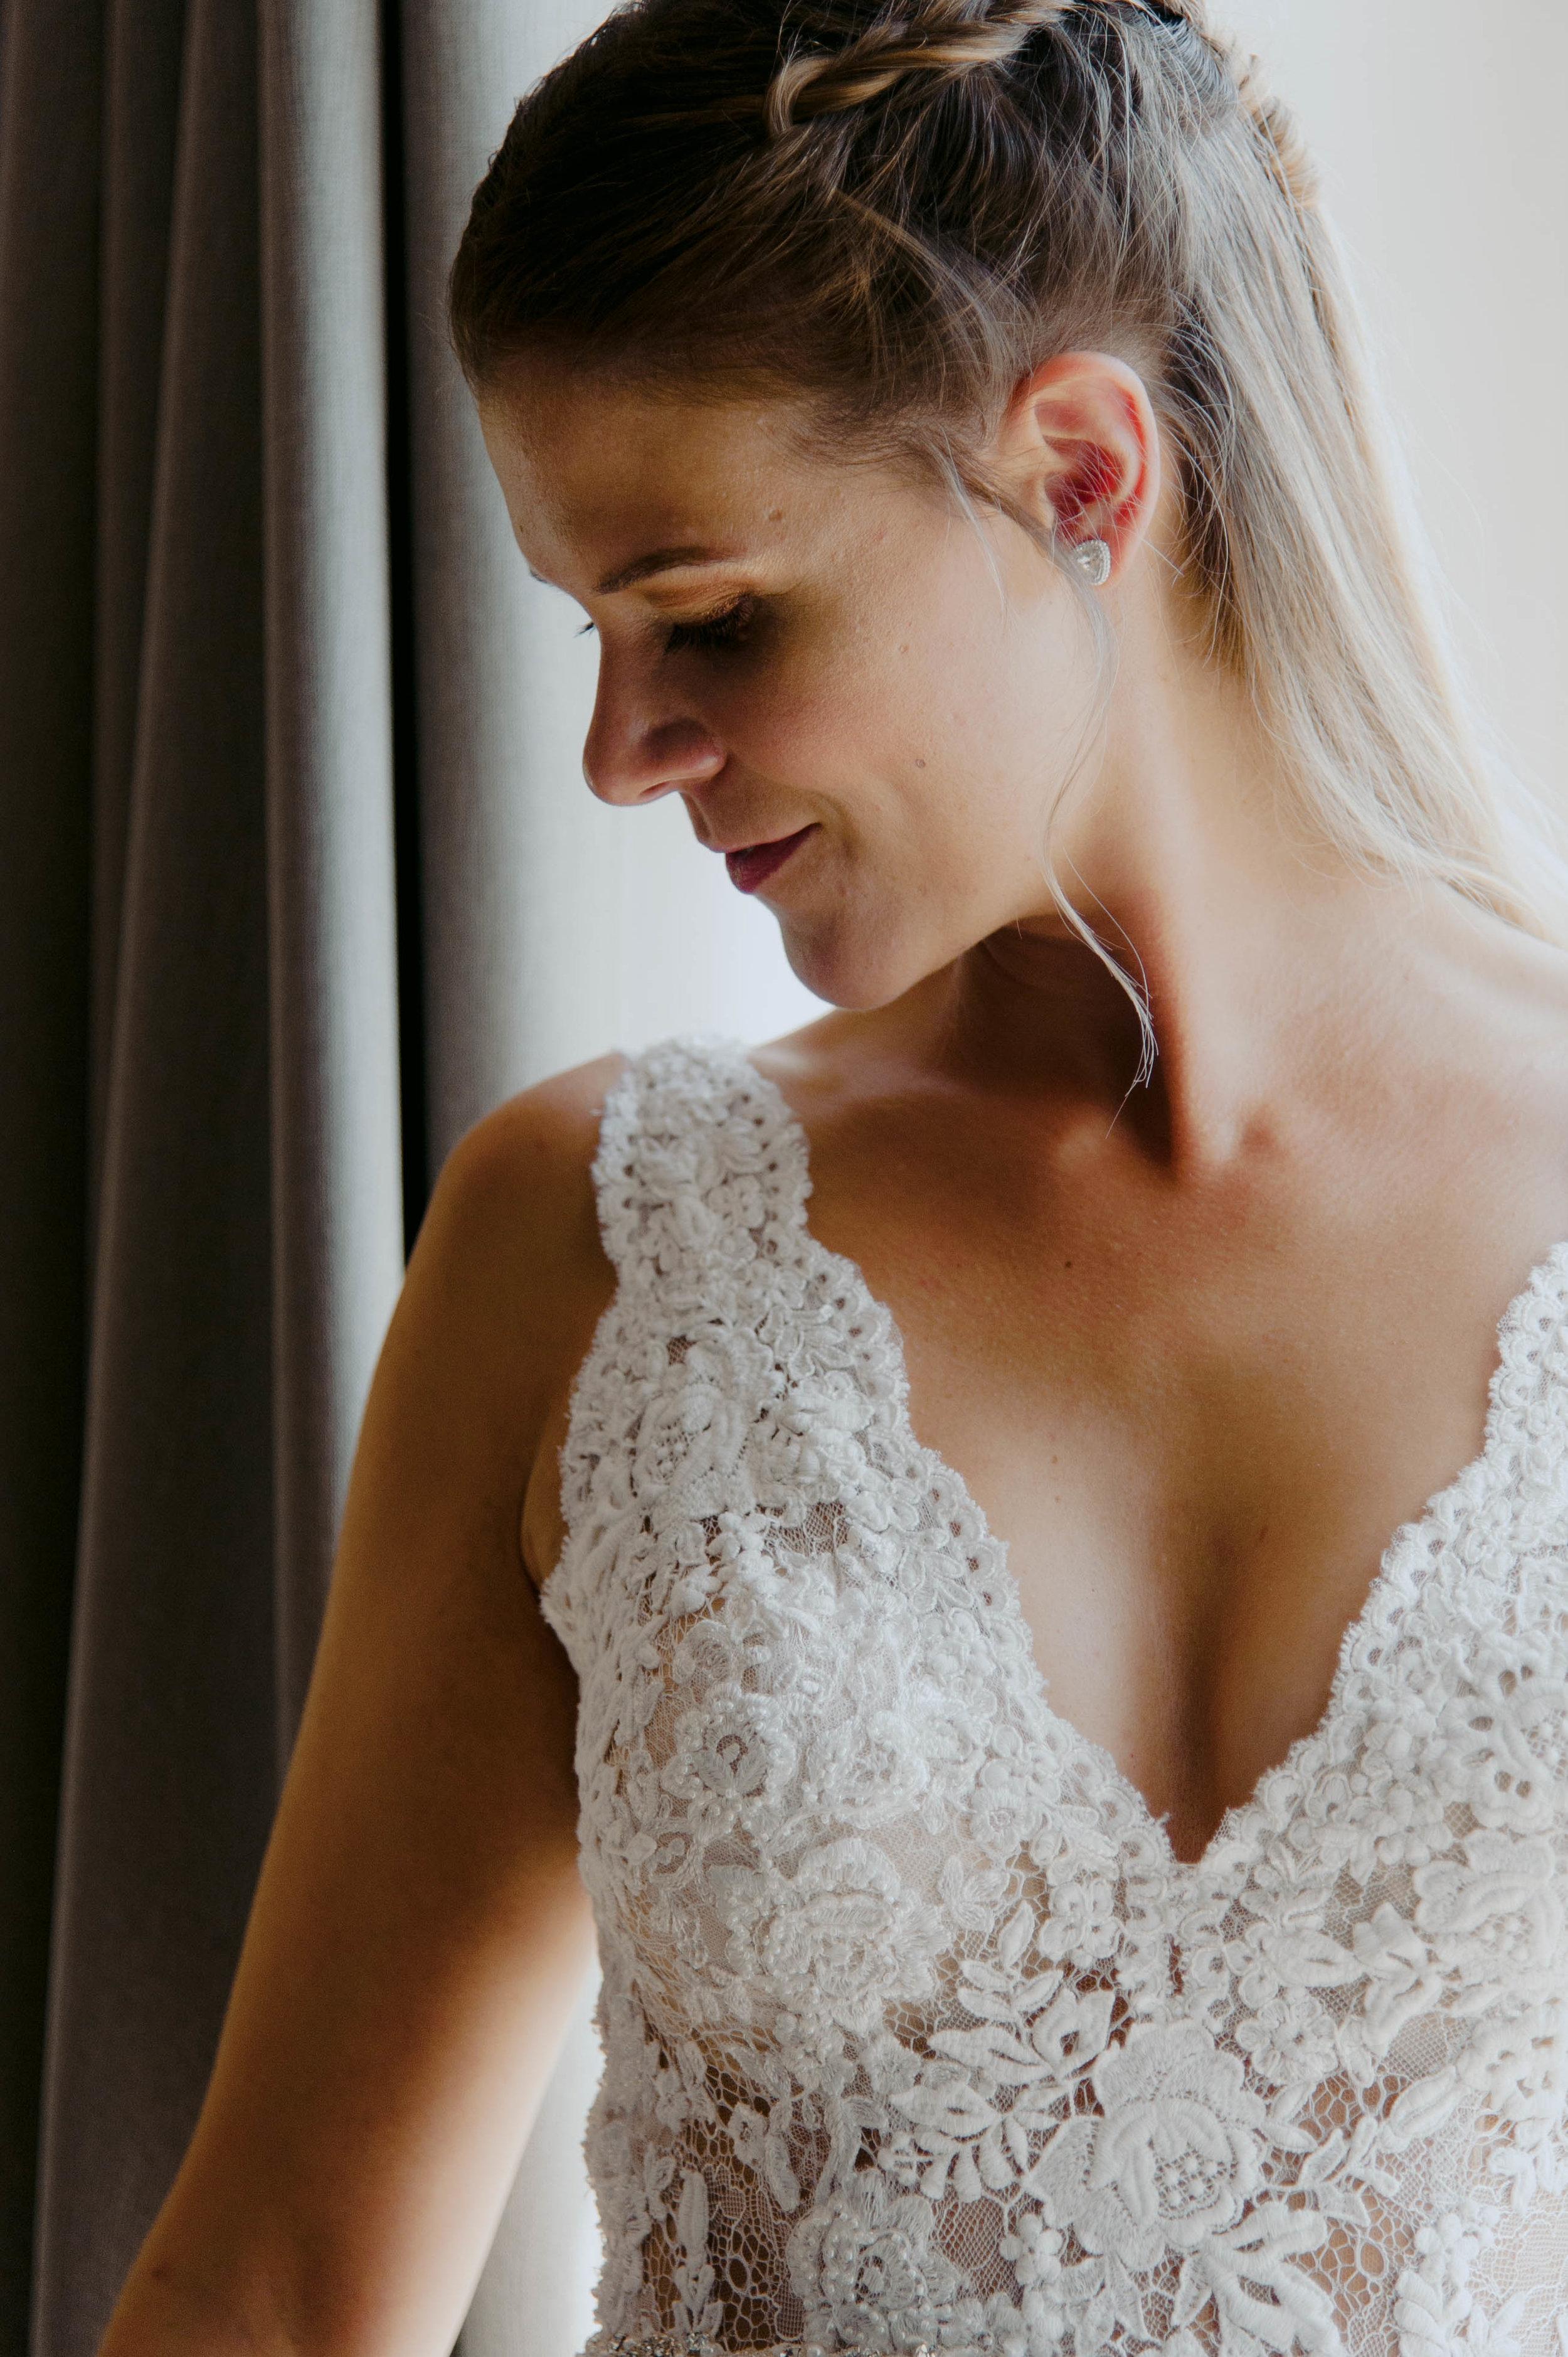 056 - Preparazione sposa.jpg